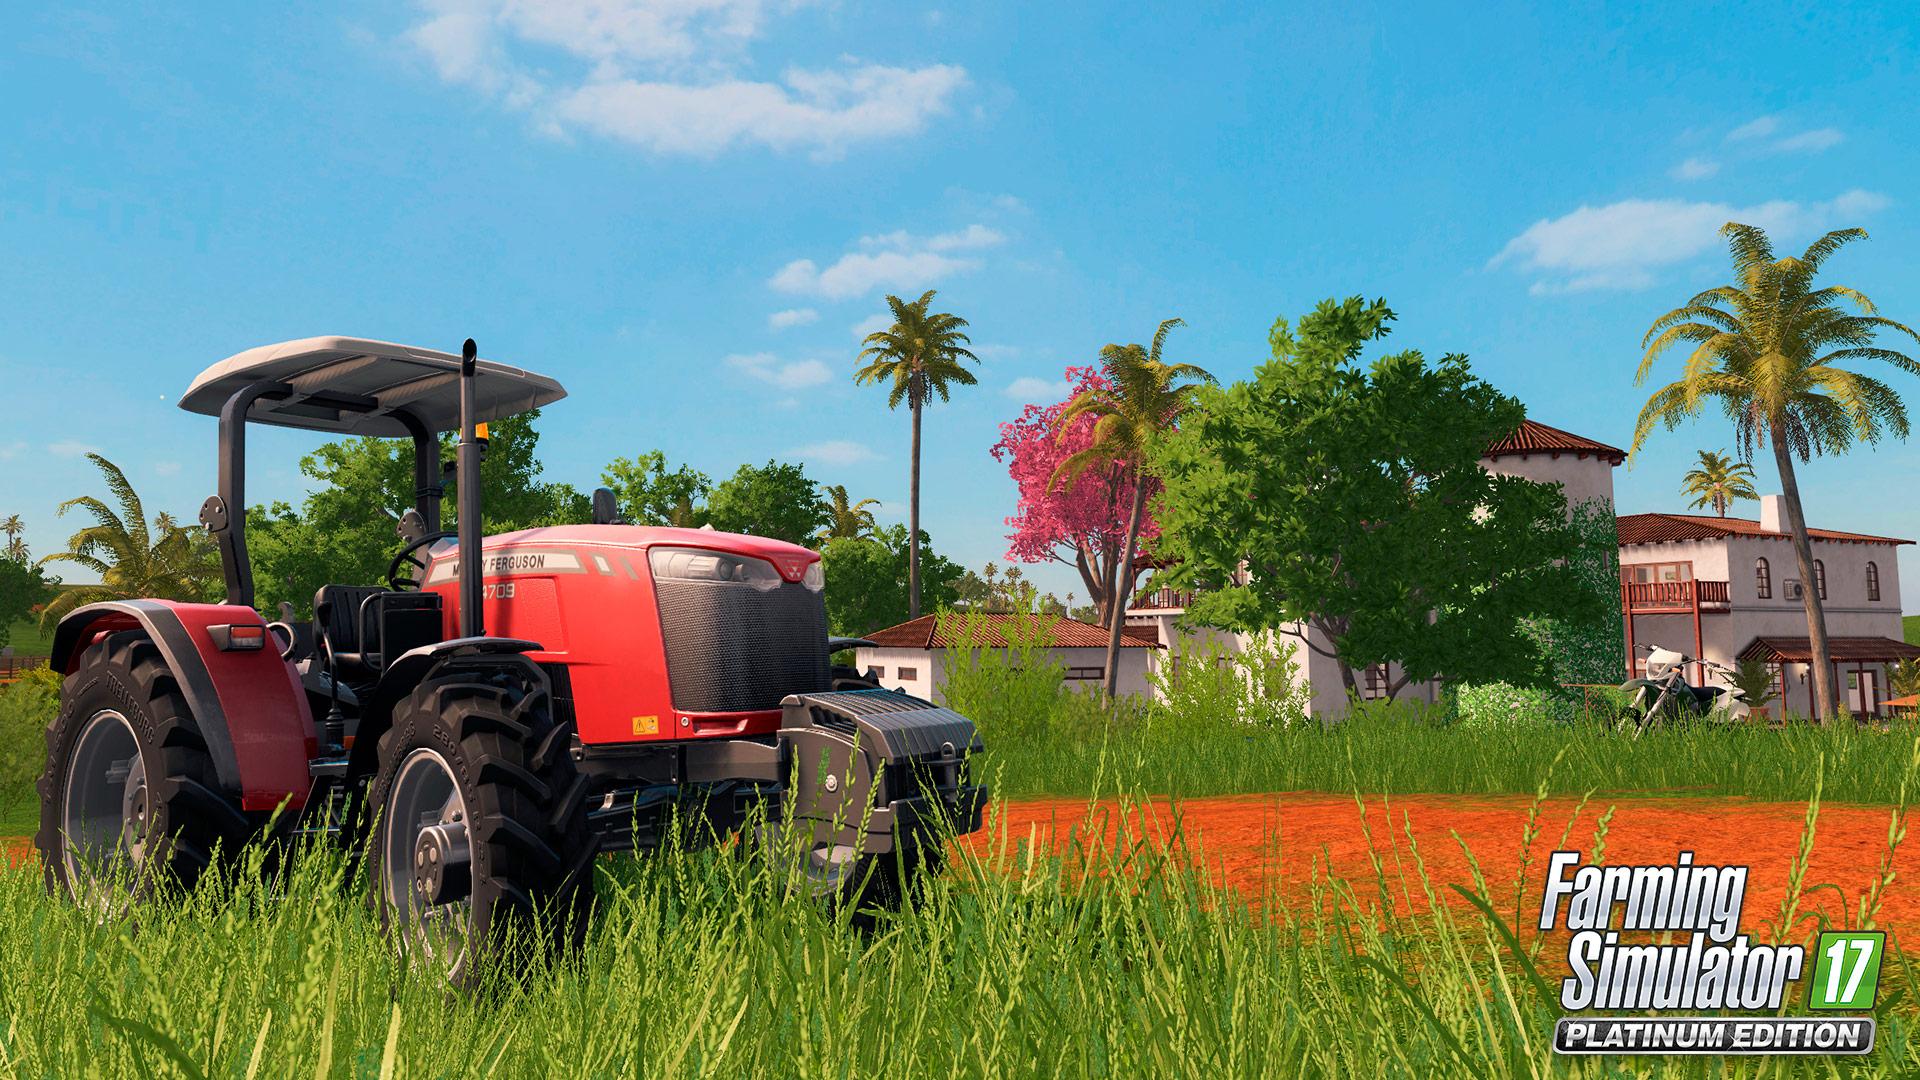 Oznámena platinová edice Farming Simulatoru 17 s novým obsahem 146460